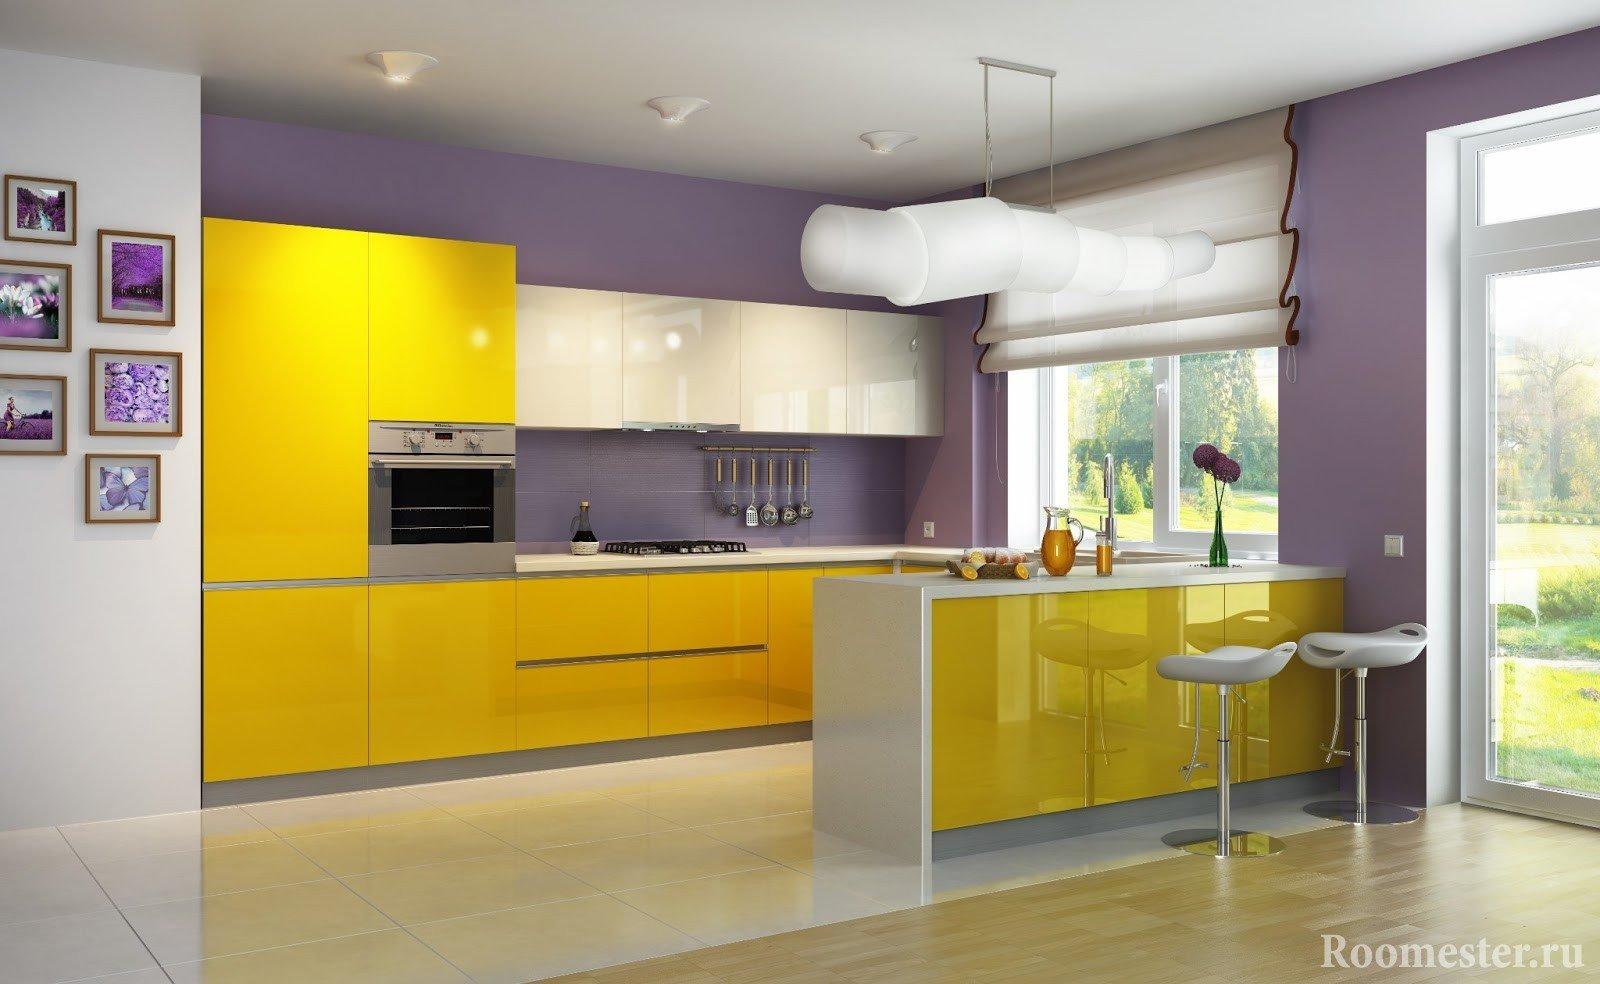 Желто-фиолетовая кухня